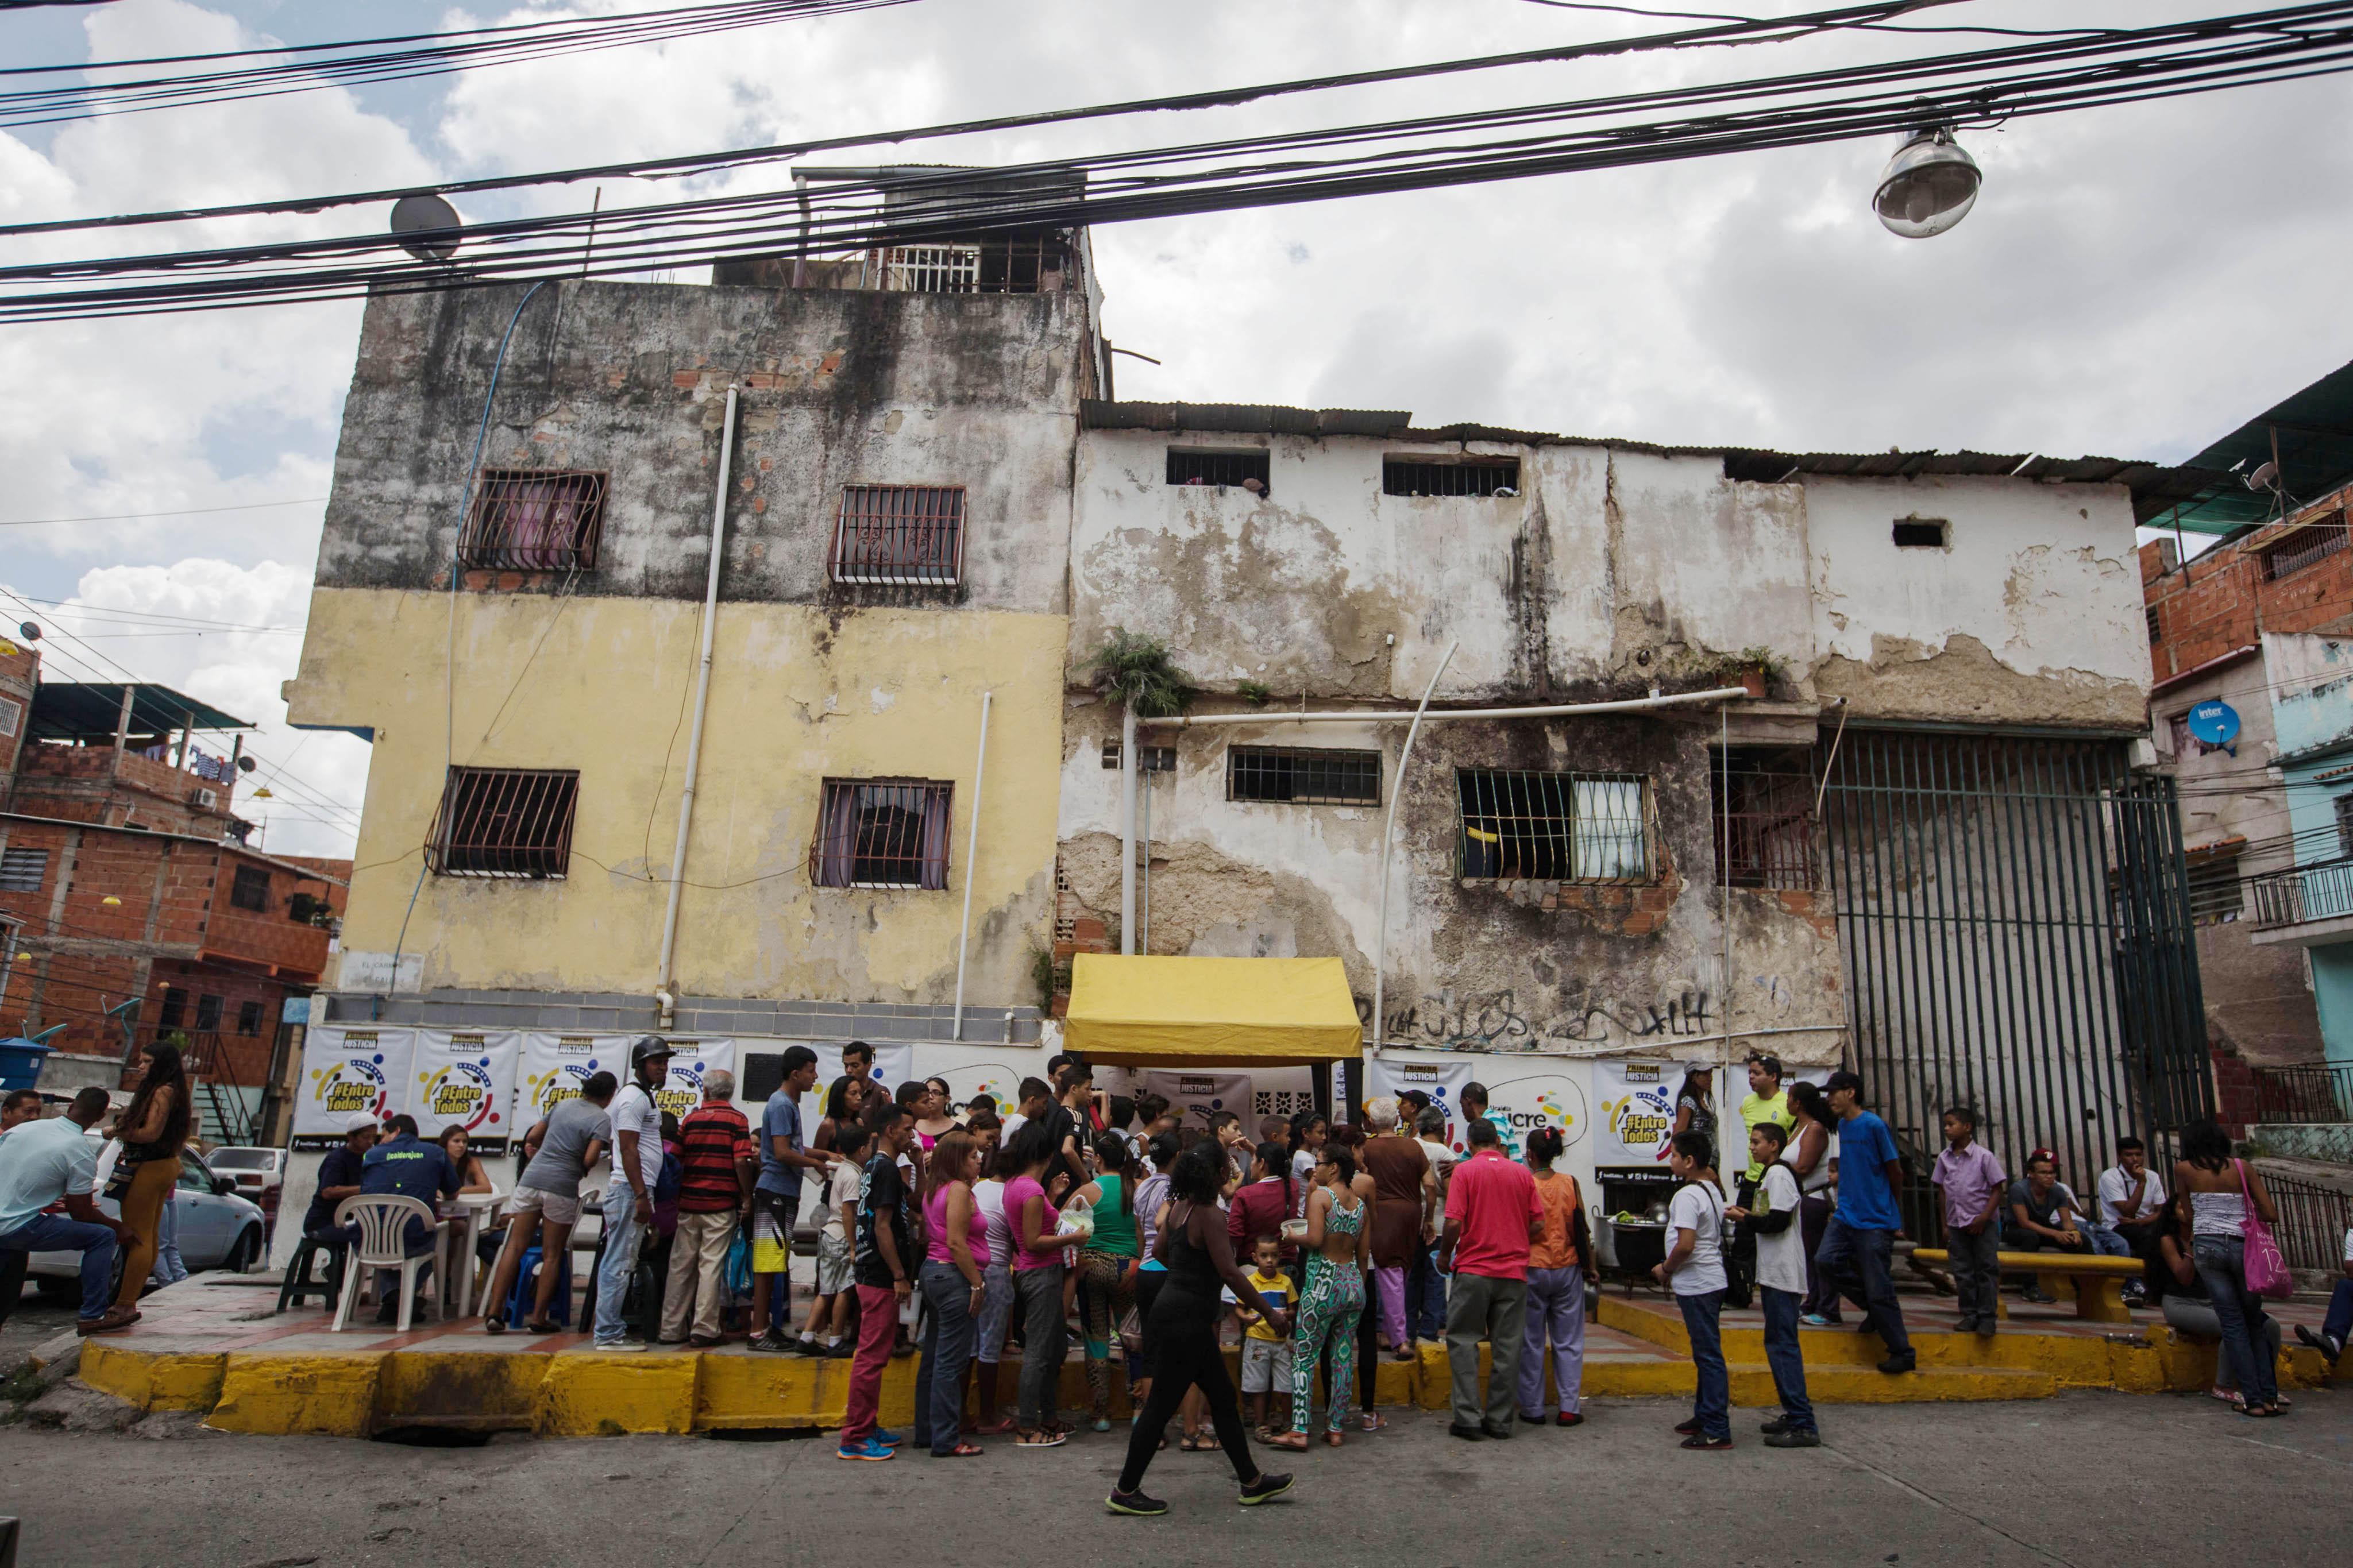 """CAR03. CARACAS (VENEZUELA), 10/09/2016.- Un grupo de personas preparan un sancocho hoy, s·bado 10 de septiembre del 2016, en la ciudad de Caracas (Venezuela). En el barrio la UniÛn, ubicado en la favela m·s grande de AmÈrica Latina asentada en el este de Caracas, se preparÛ hoy un gran """"sancocho"""" como se le conoce en Venezuela a la sopa cocinada con varios tipos de verduras y carnes, para alimentar a los vecinos, muchos de ellos con varios dÌas de hambre. EFE/MIGUEL GUTI…RREZ"""